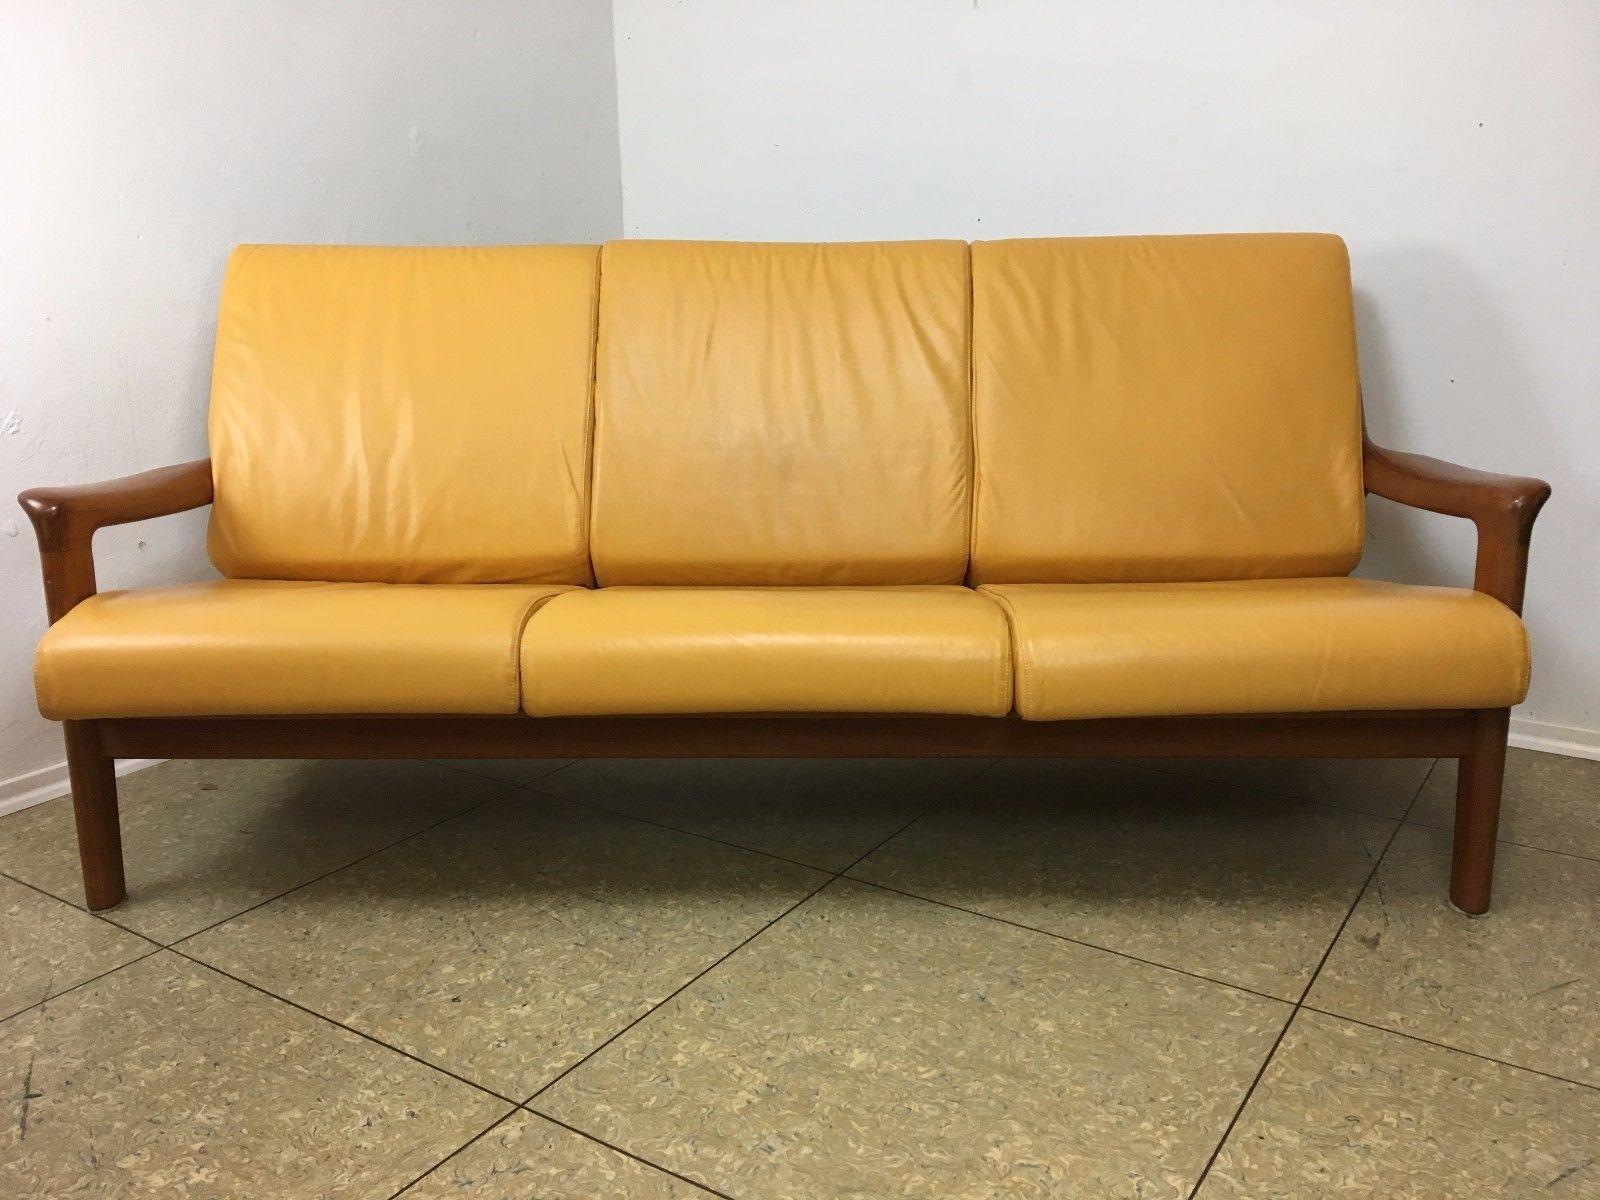 3 sitzer sofa aus teak 1970er bei pamono kaufen. Black Bedroom Furniture Sets. Home Design Ideas